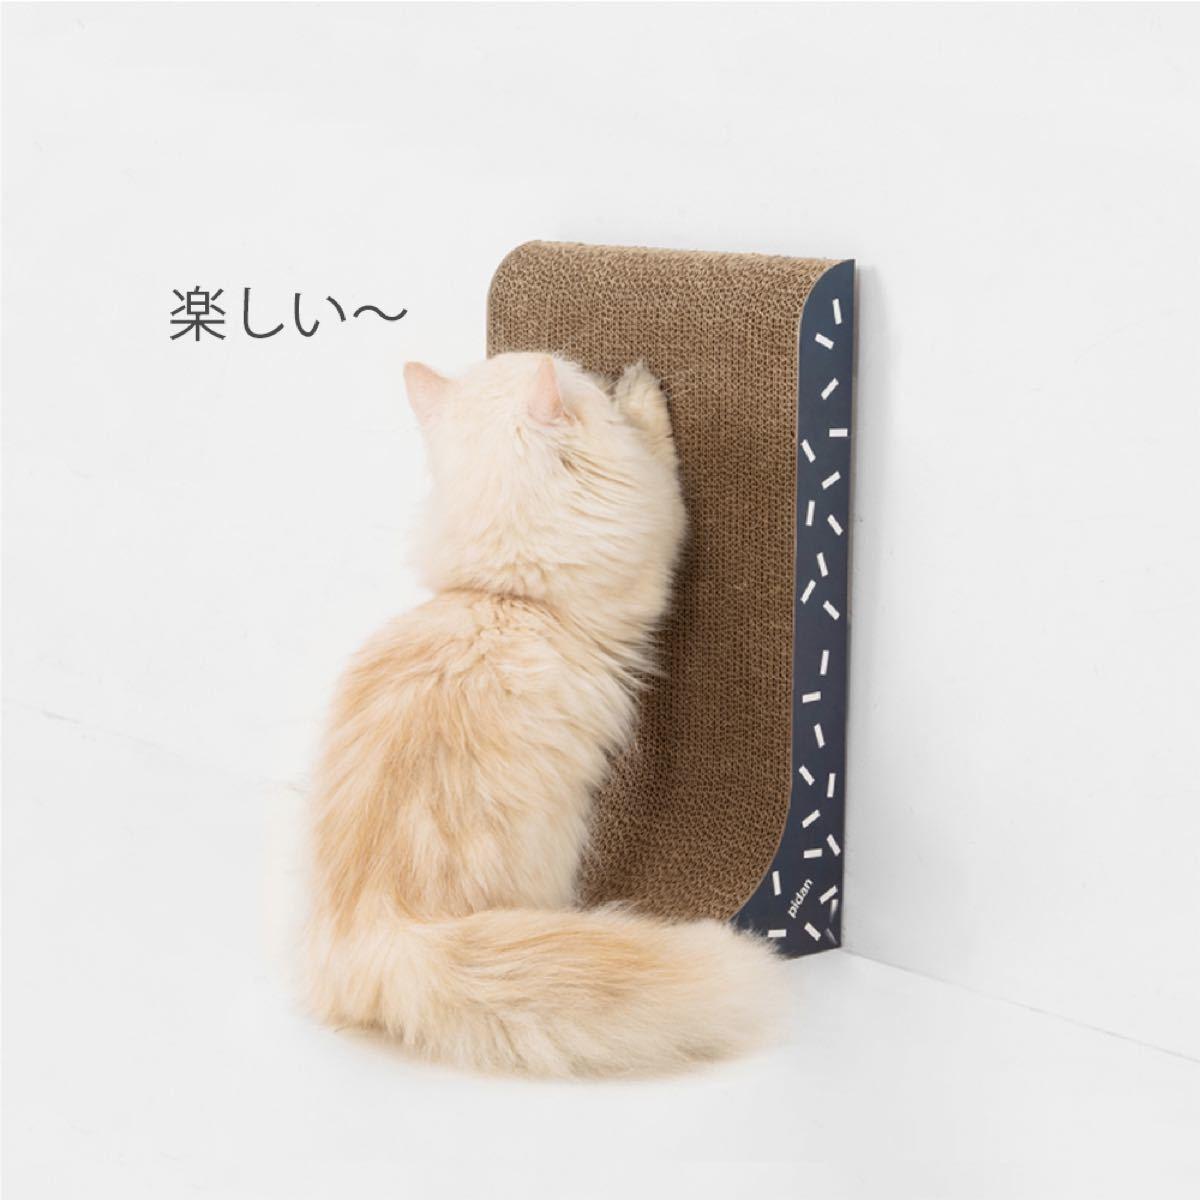 爪とぎ つめどき 猫 ニャンコ 猫 玩具 遊具 猫つめどき にゃんこ おもちゃ 猫爪どき ペット 猫ハウス